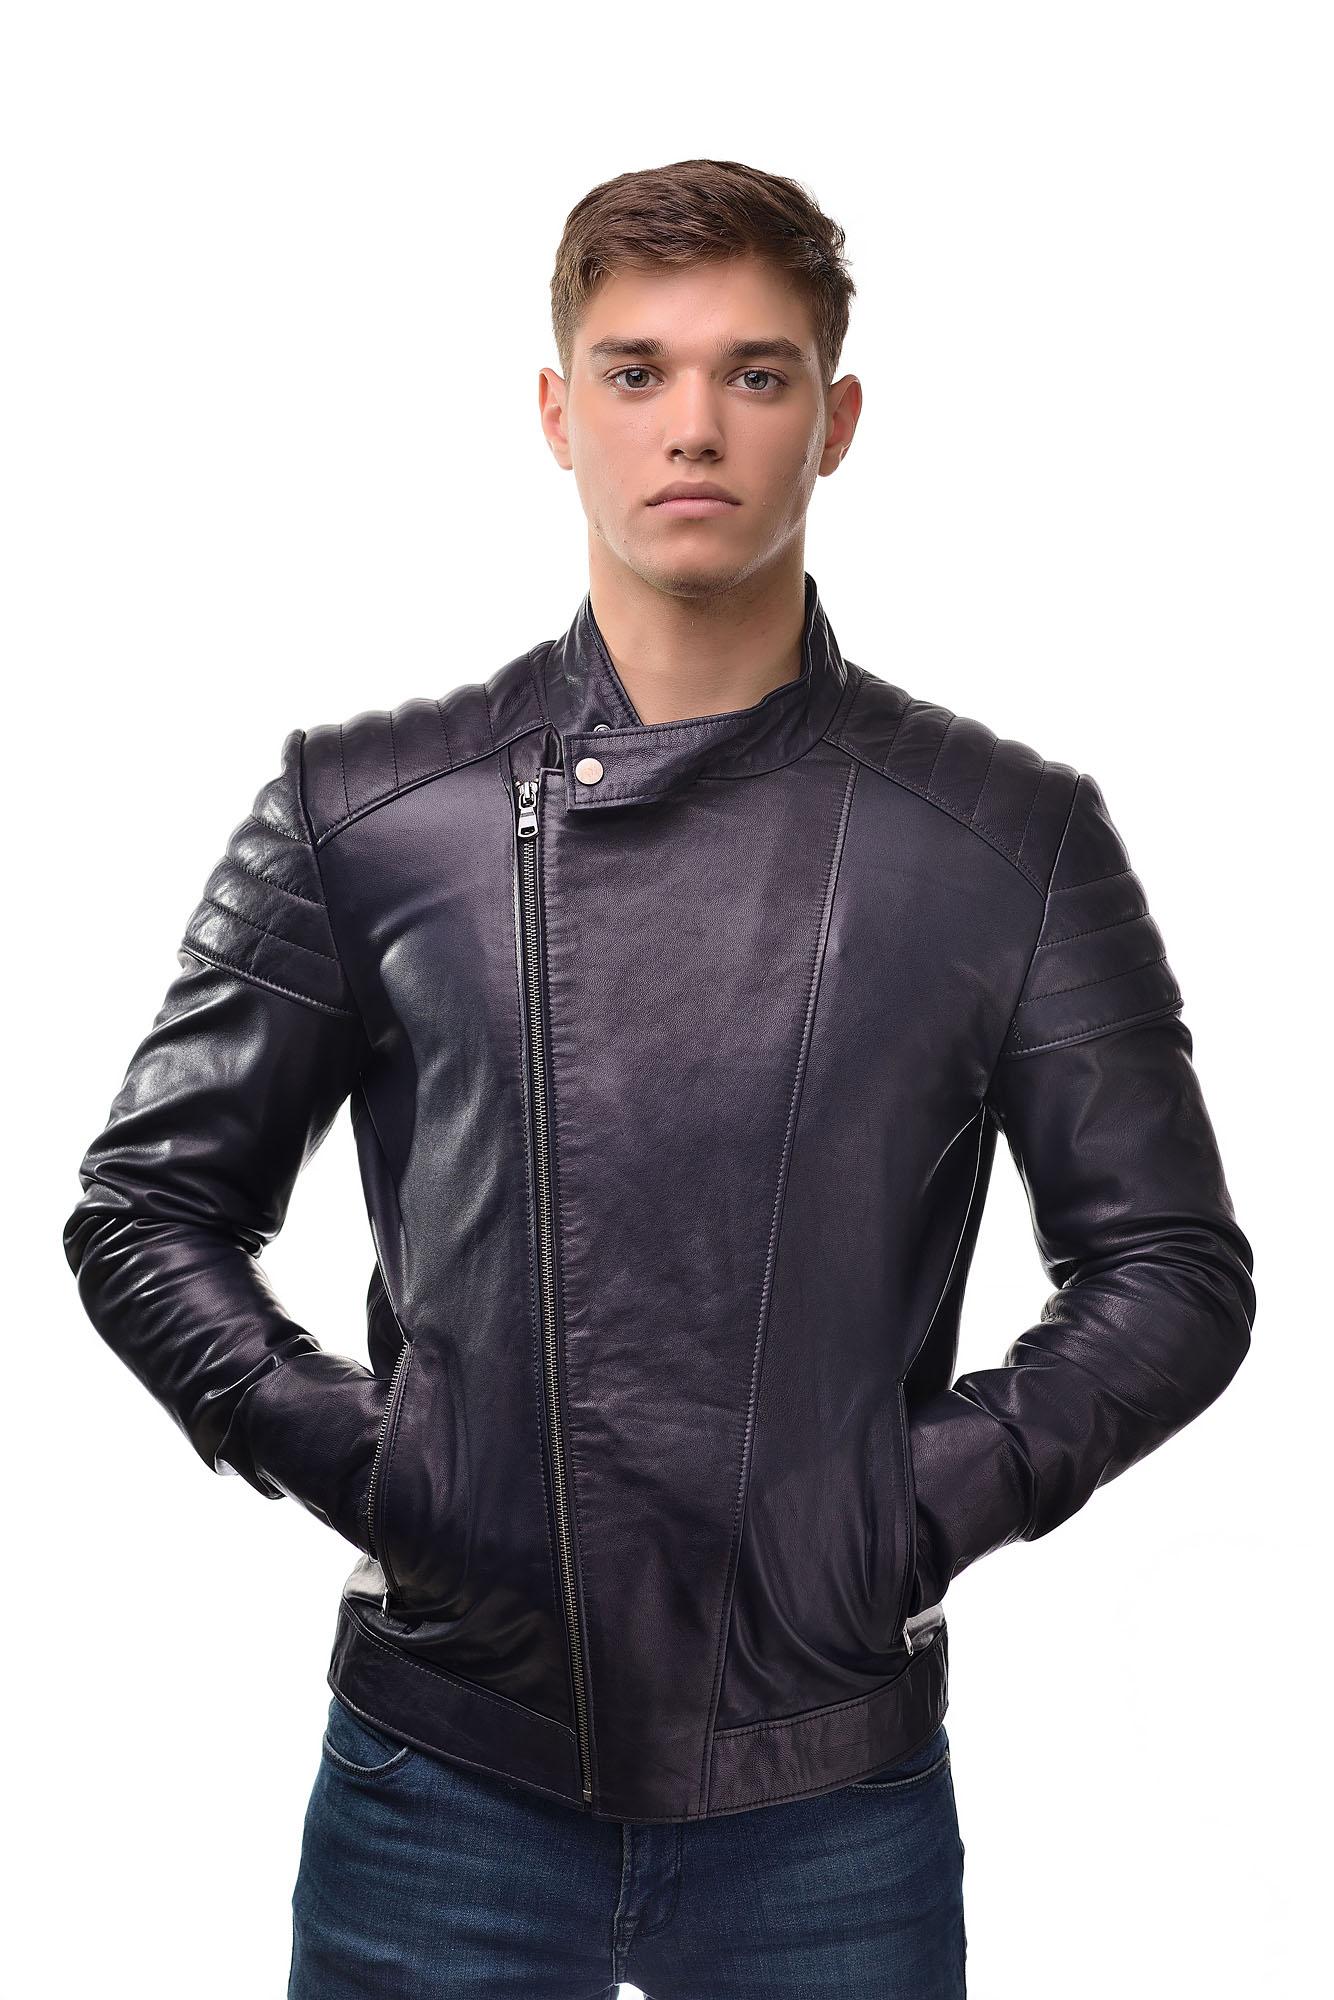 Мужская Кожаная куртка косуха 3302(Синий)